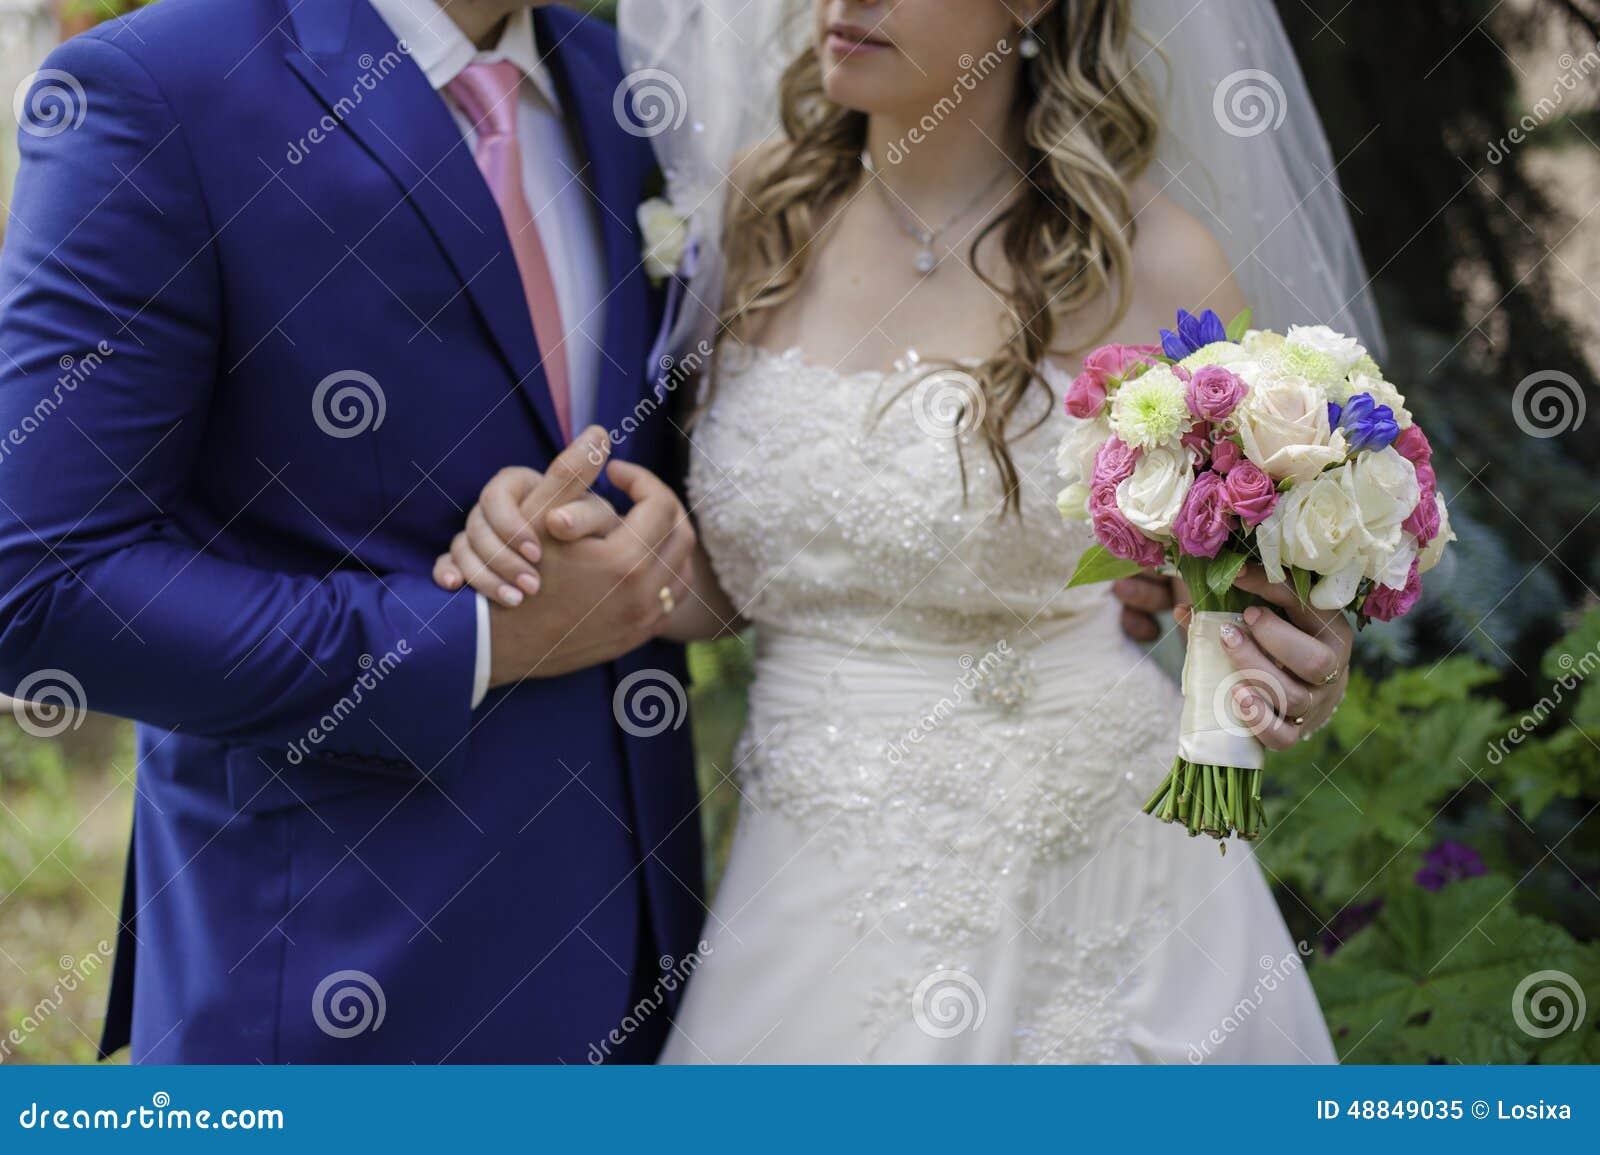 bouquet de rose bleu et blanc de mariage image stock image du bleu femelle 48849035. Black Bedroom Furniture Sets. Home Design Ideas